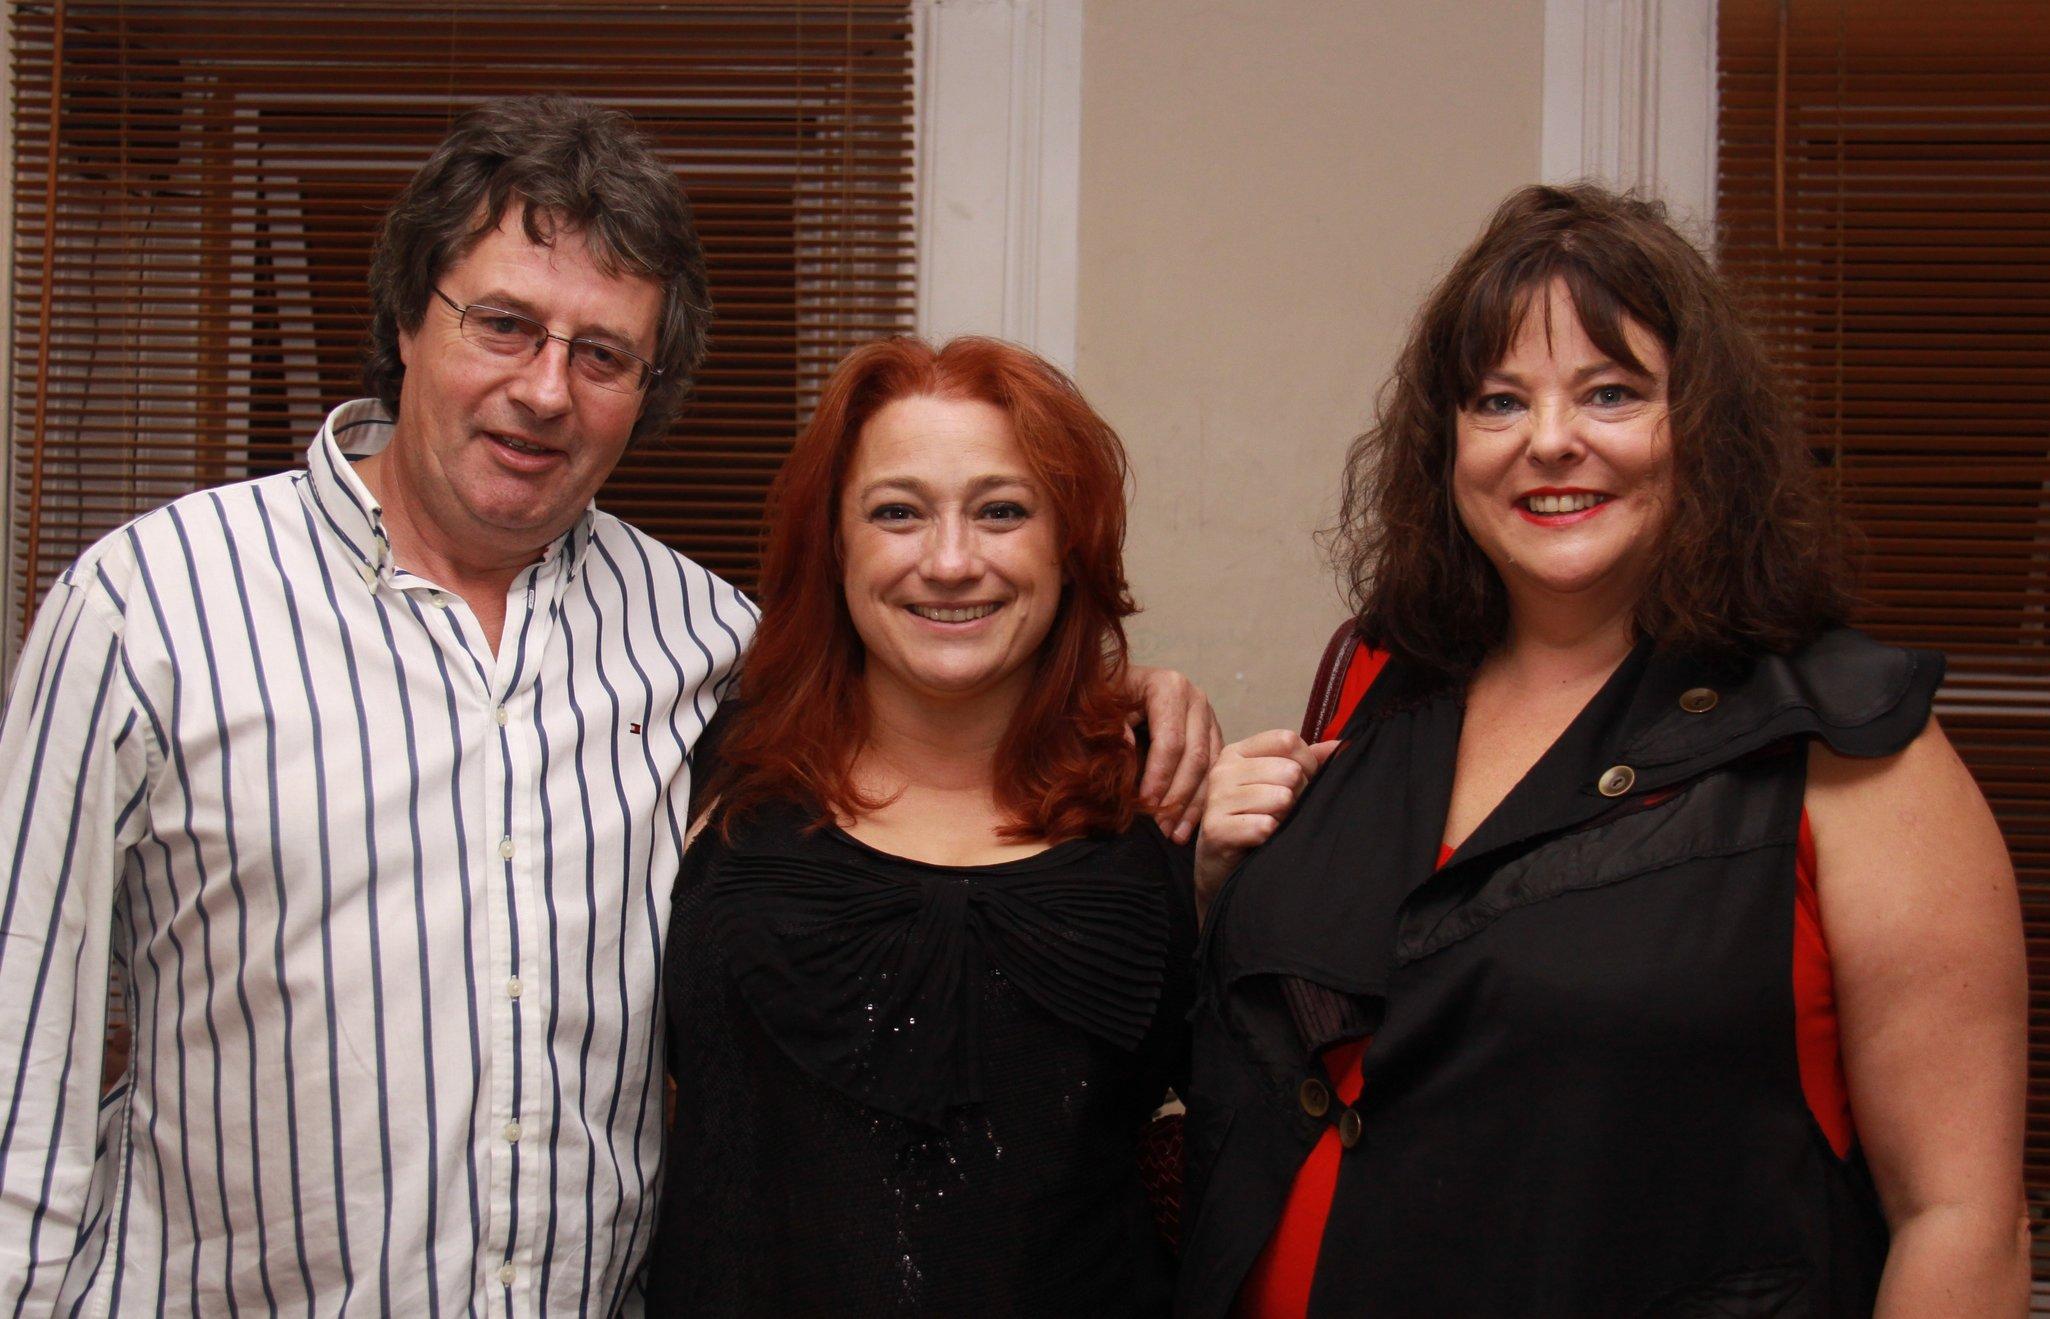 Niamh Kavanagh 25th Anniversary